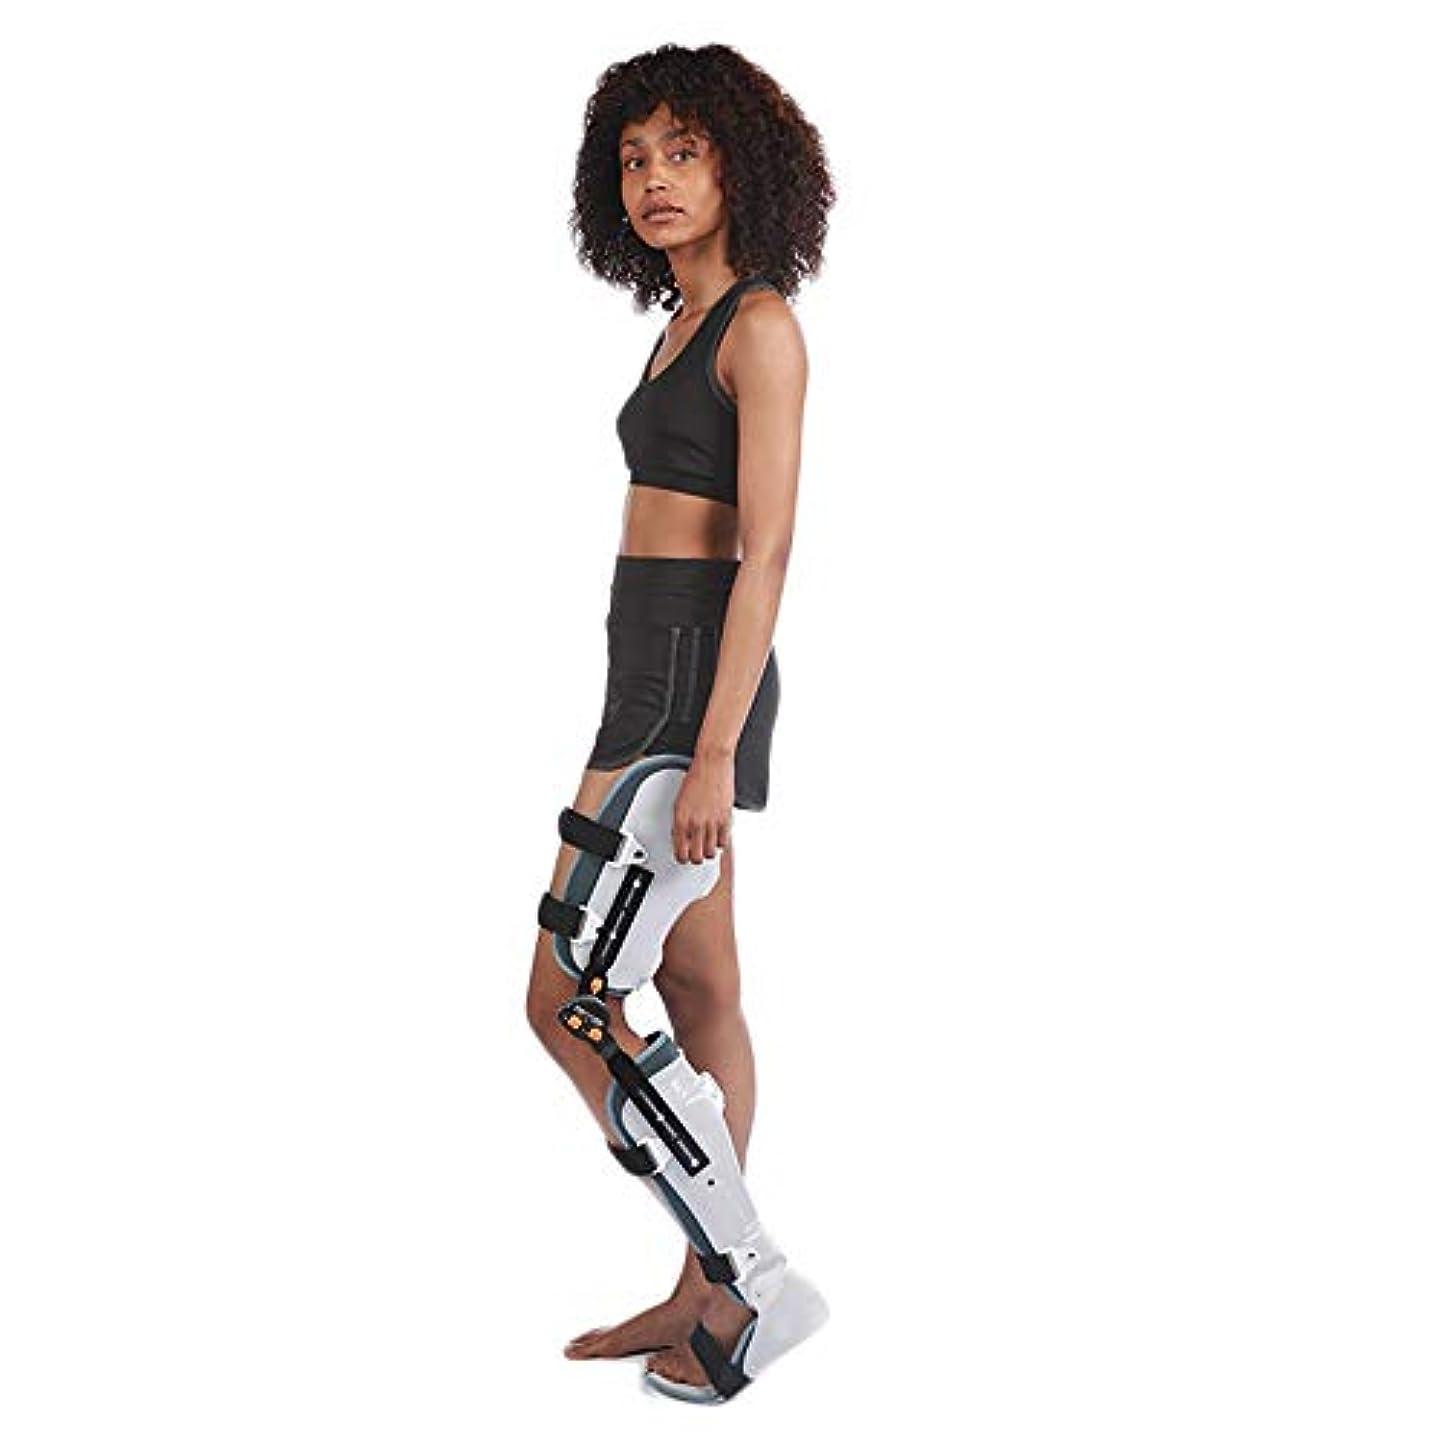 ロッド休日にマーベル膝足首足装具、調節可能な長短脂肪の薄い膝ふくらはぎ術後固定リハビリテーションブレースブラケット